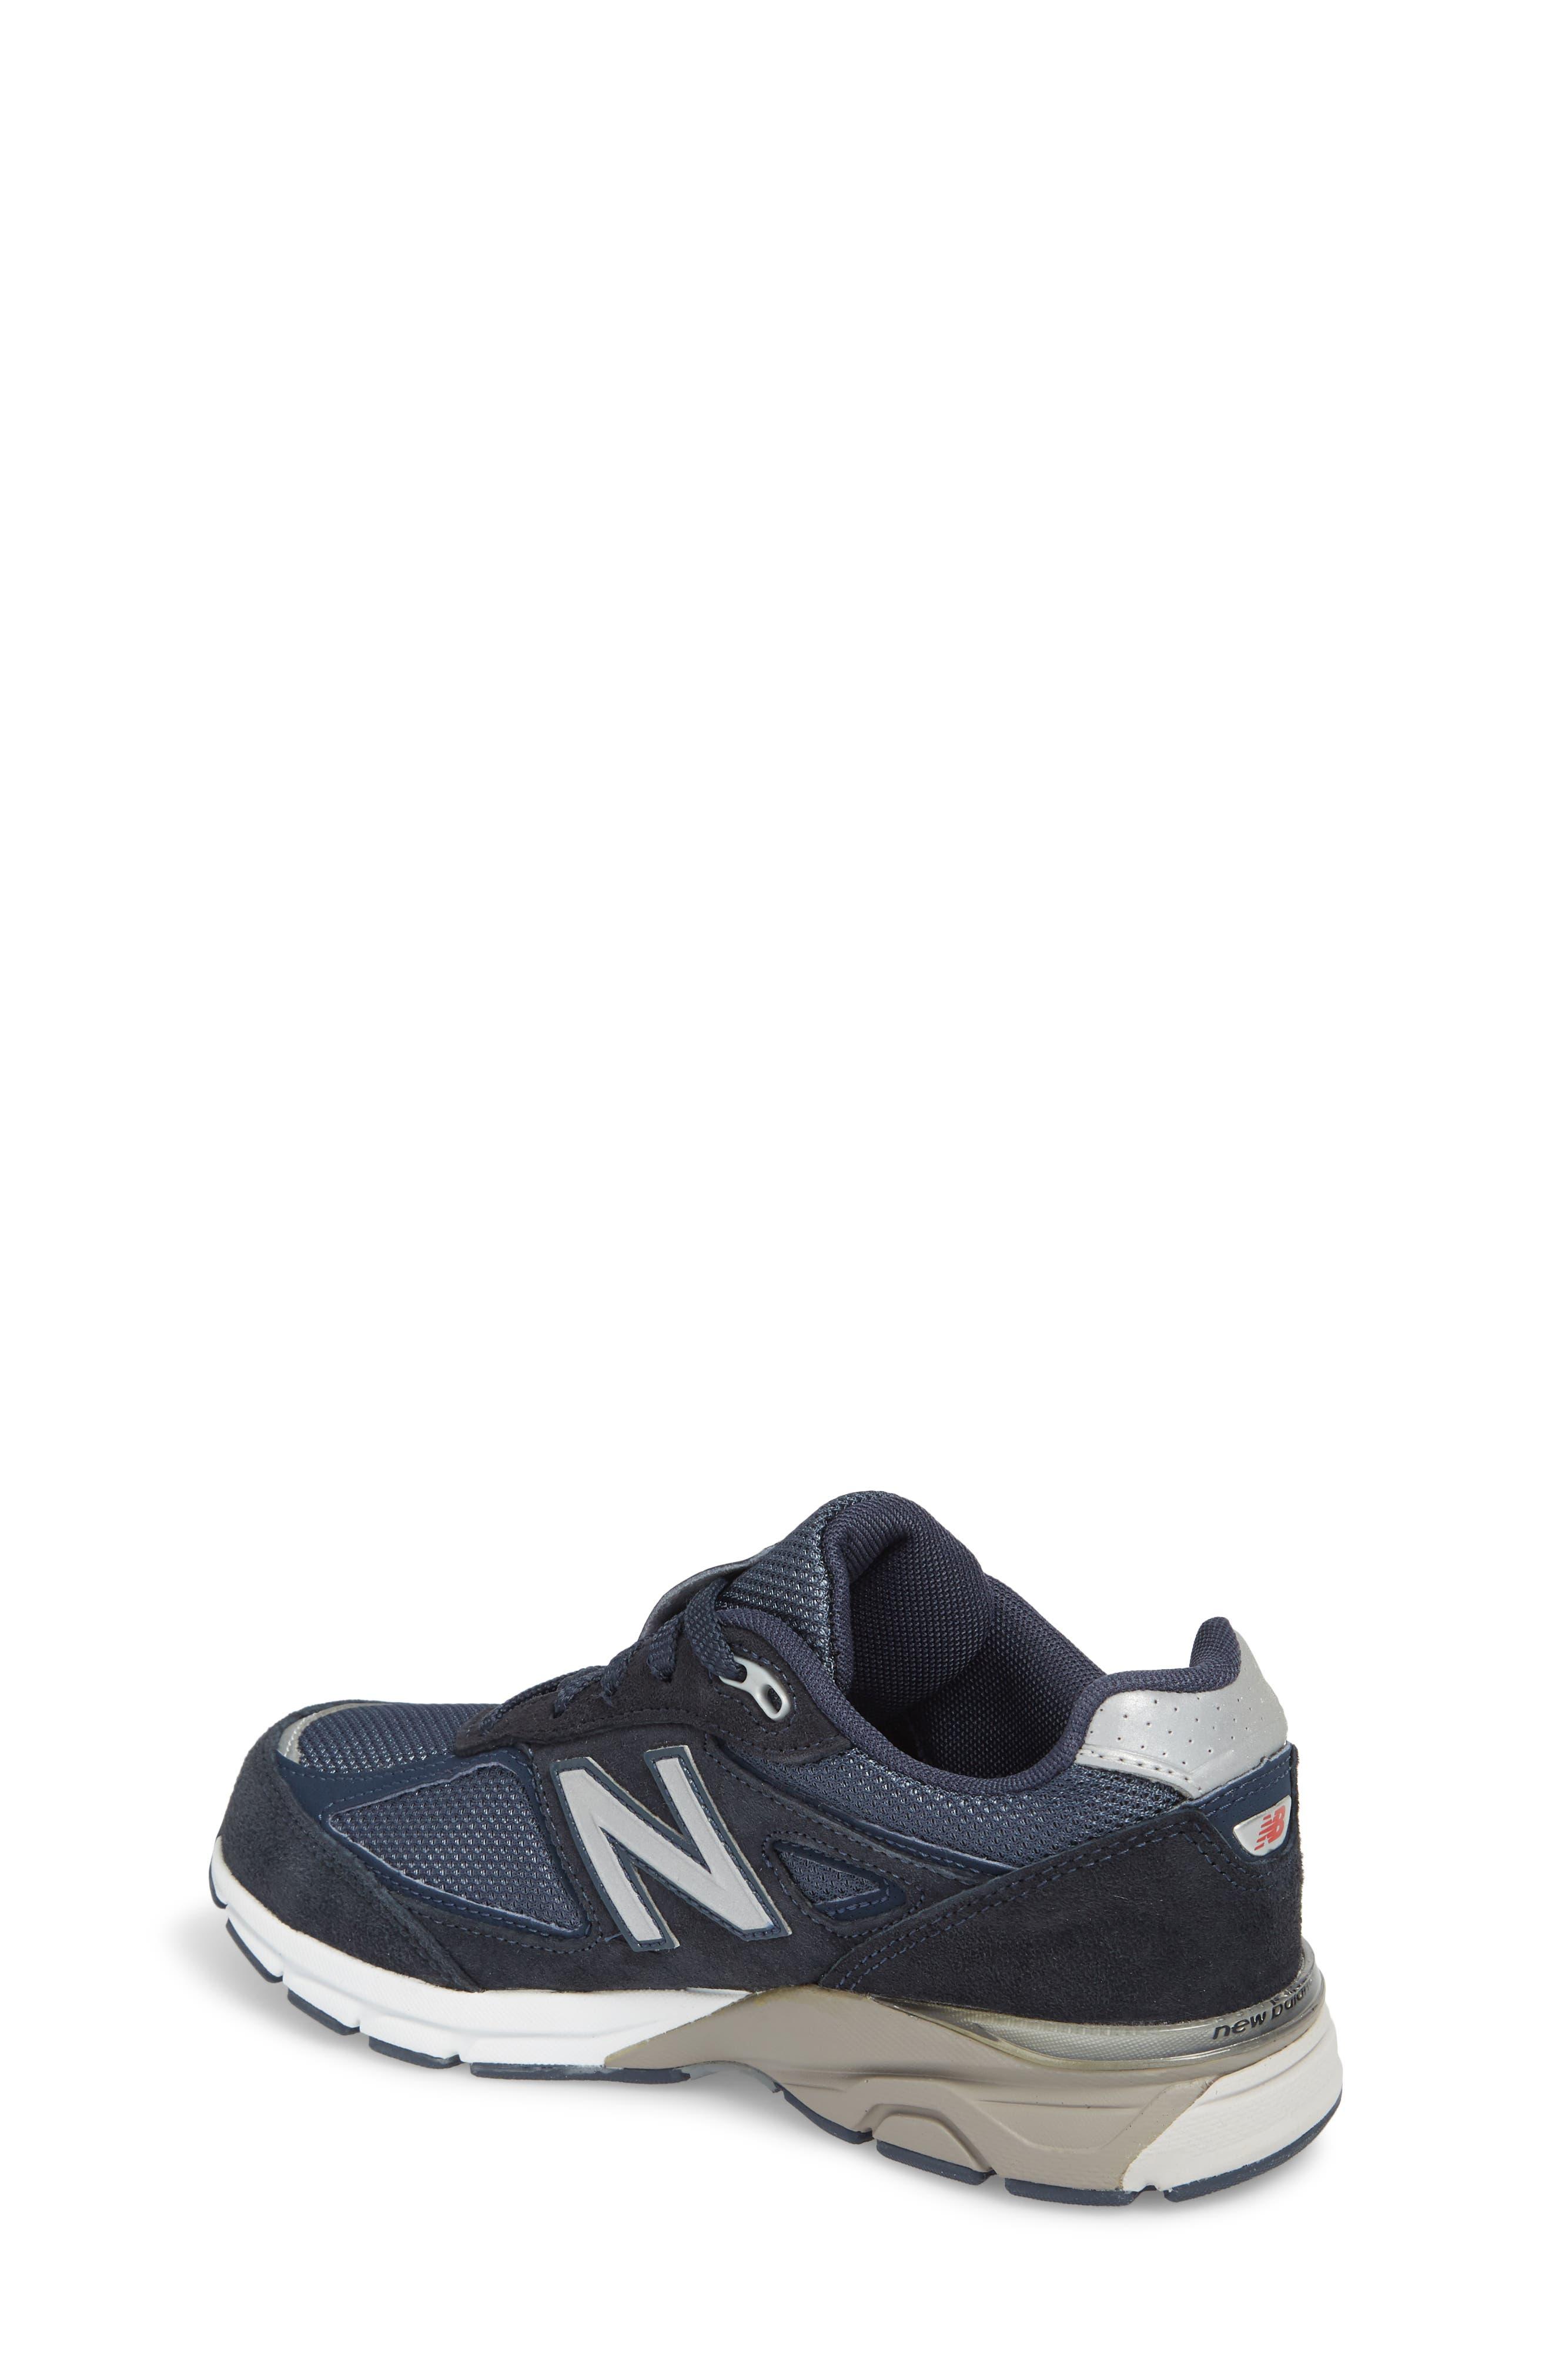 990v4 Sneaker,                             Alternate thumbnail 2, color,